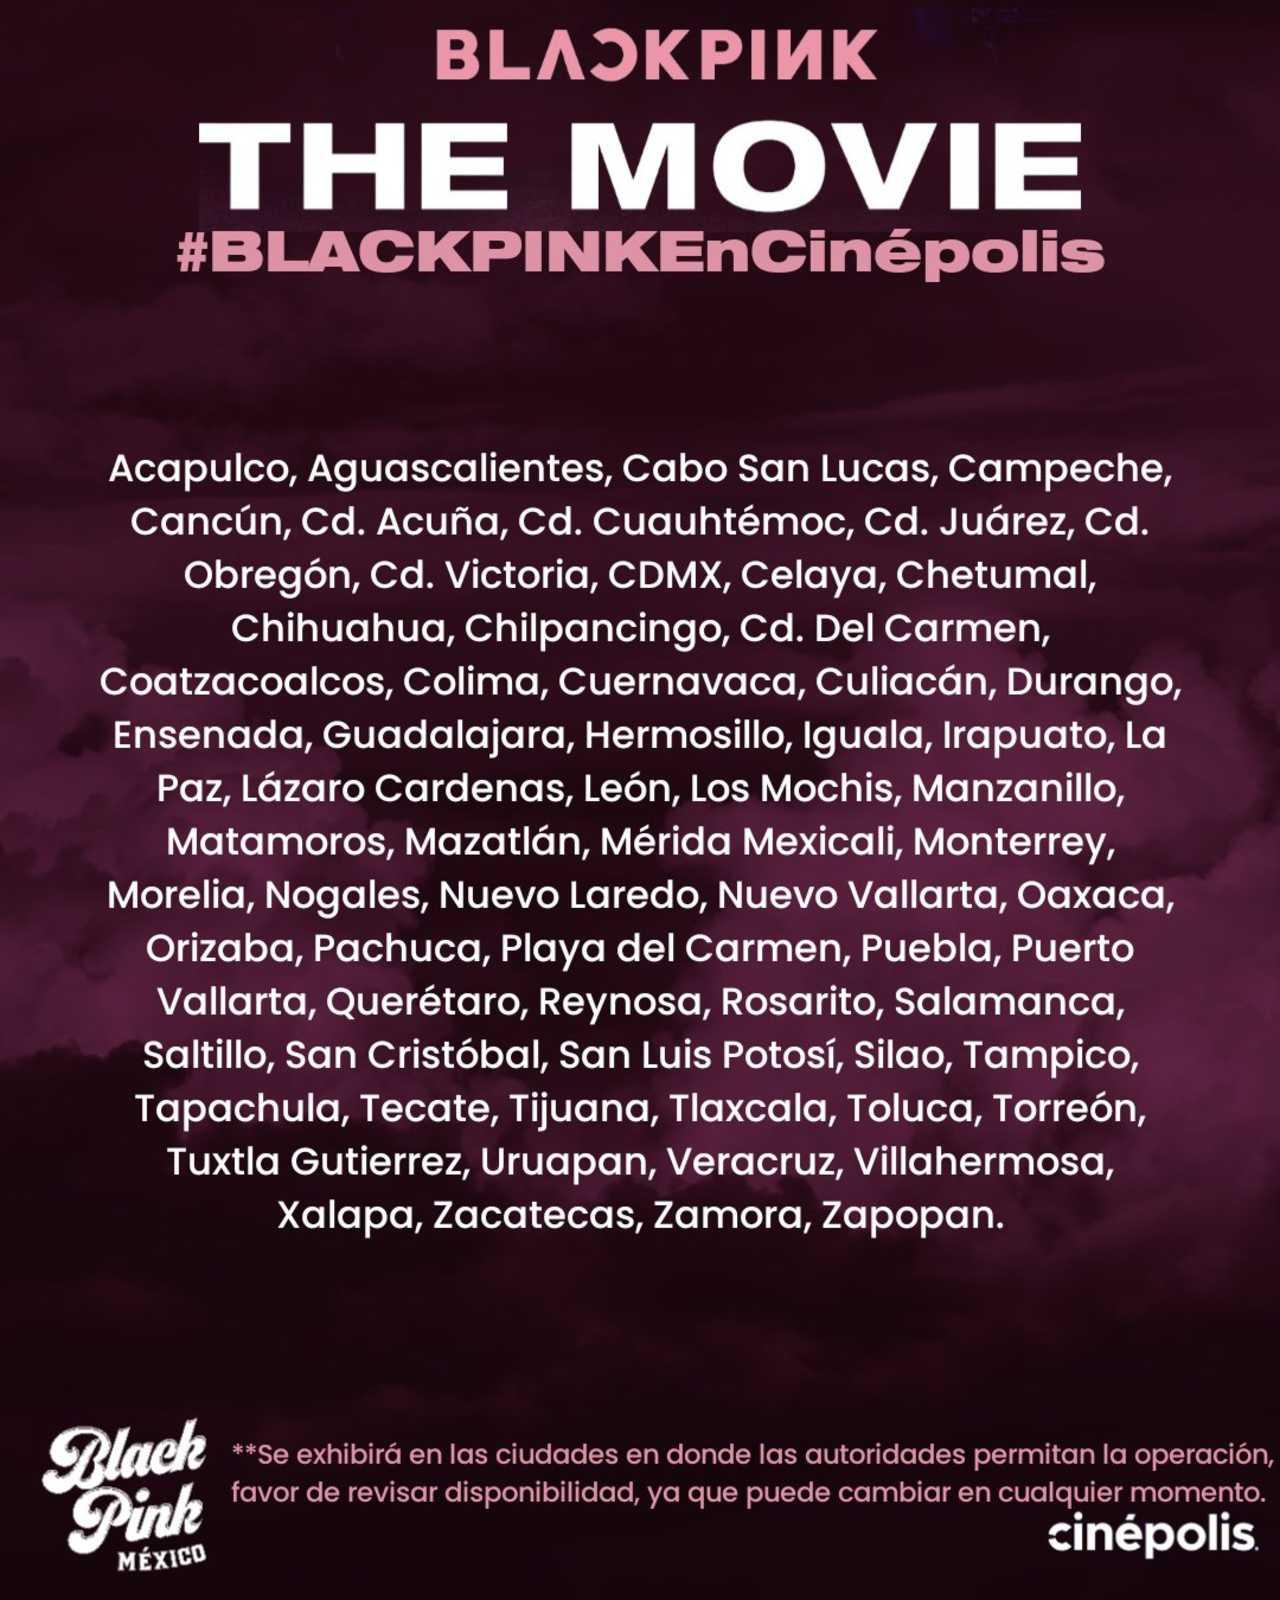 BLACKPINK The Movie pone a la venta la preventa de los boletos en el cine